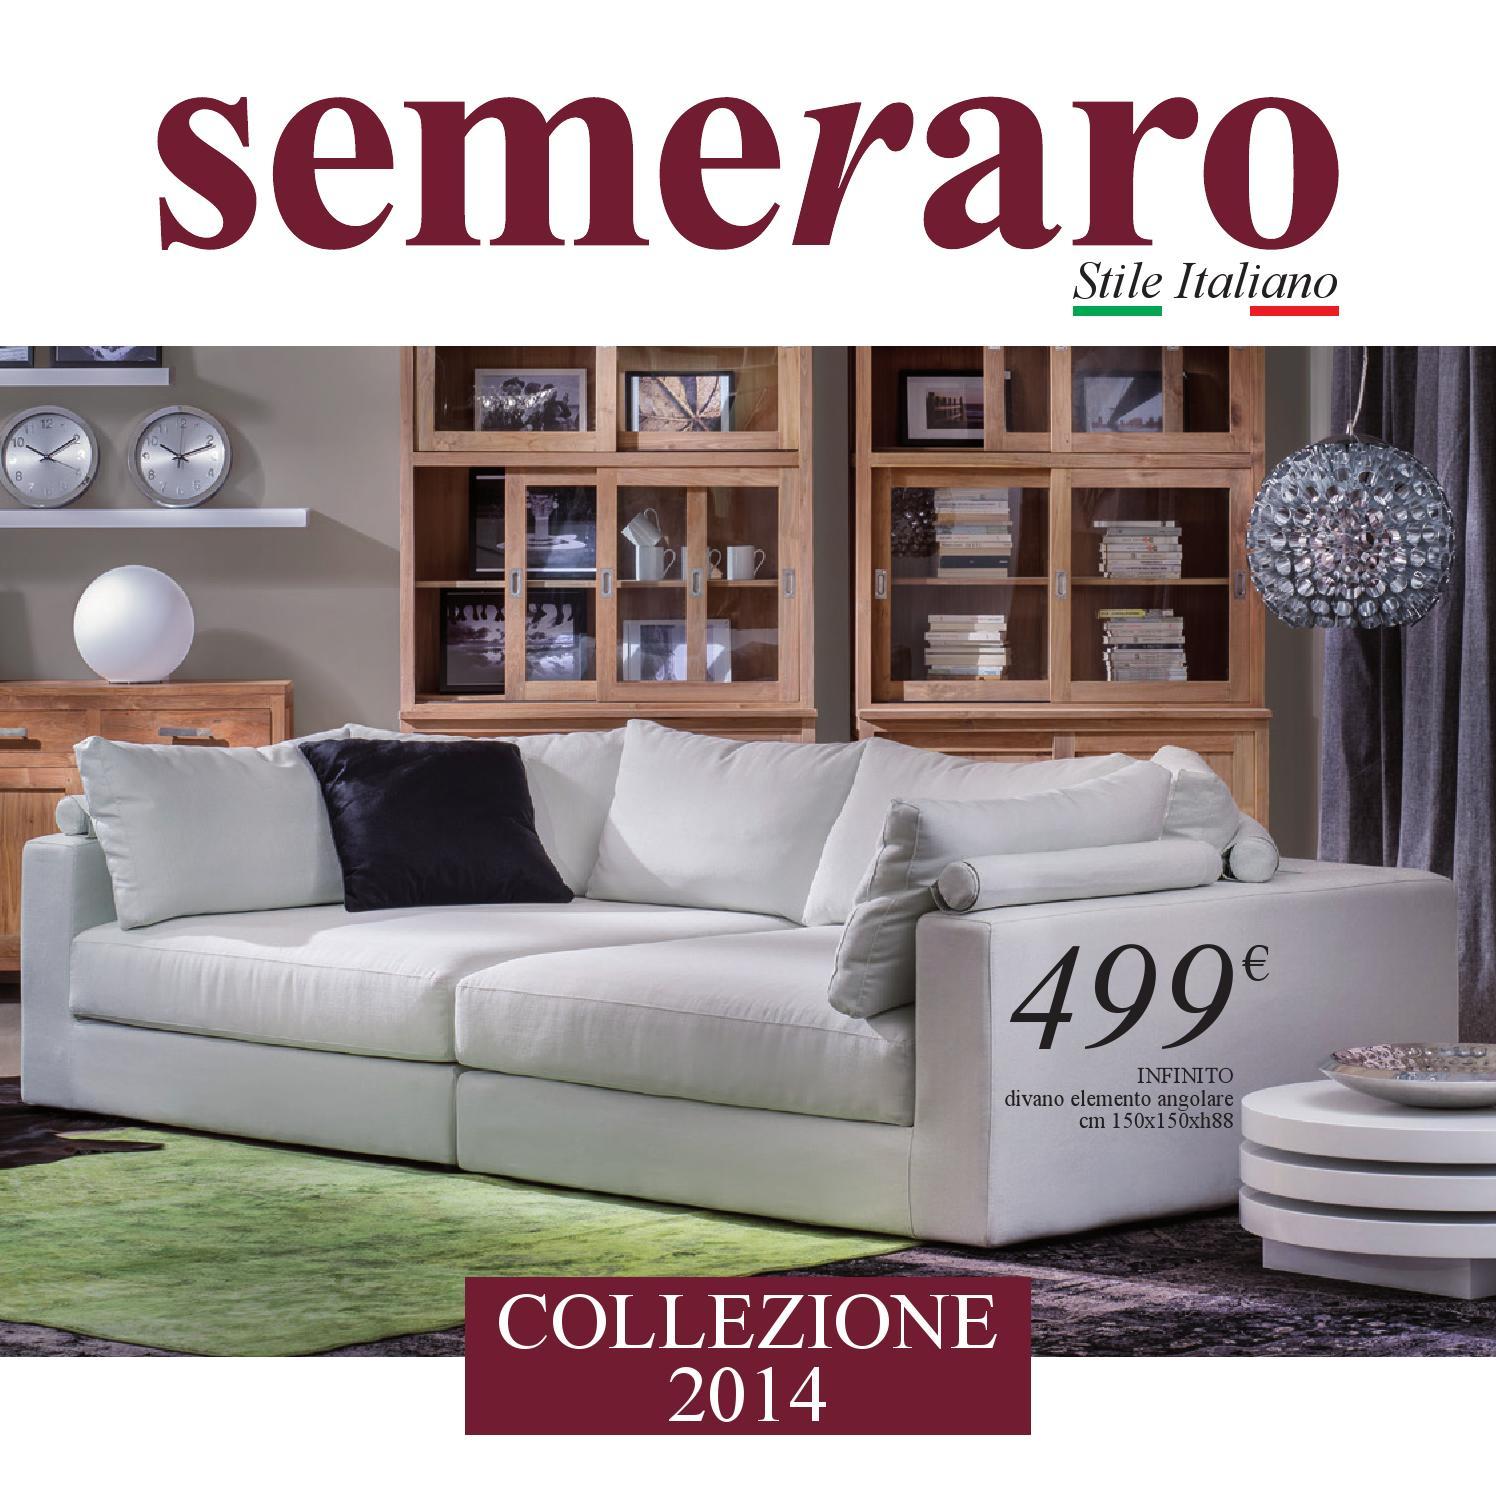 Catalogo semeraro 04 2014 by ovvio issuu - Divano letto ovvio ...